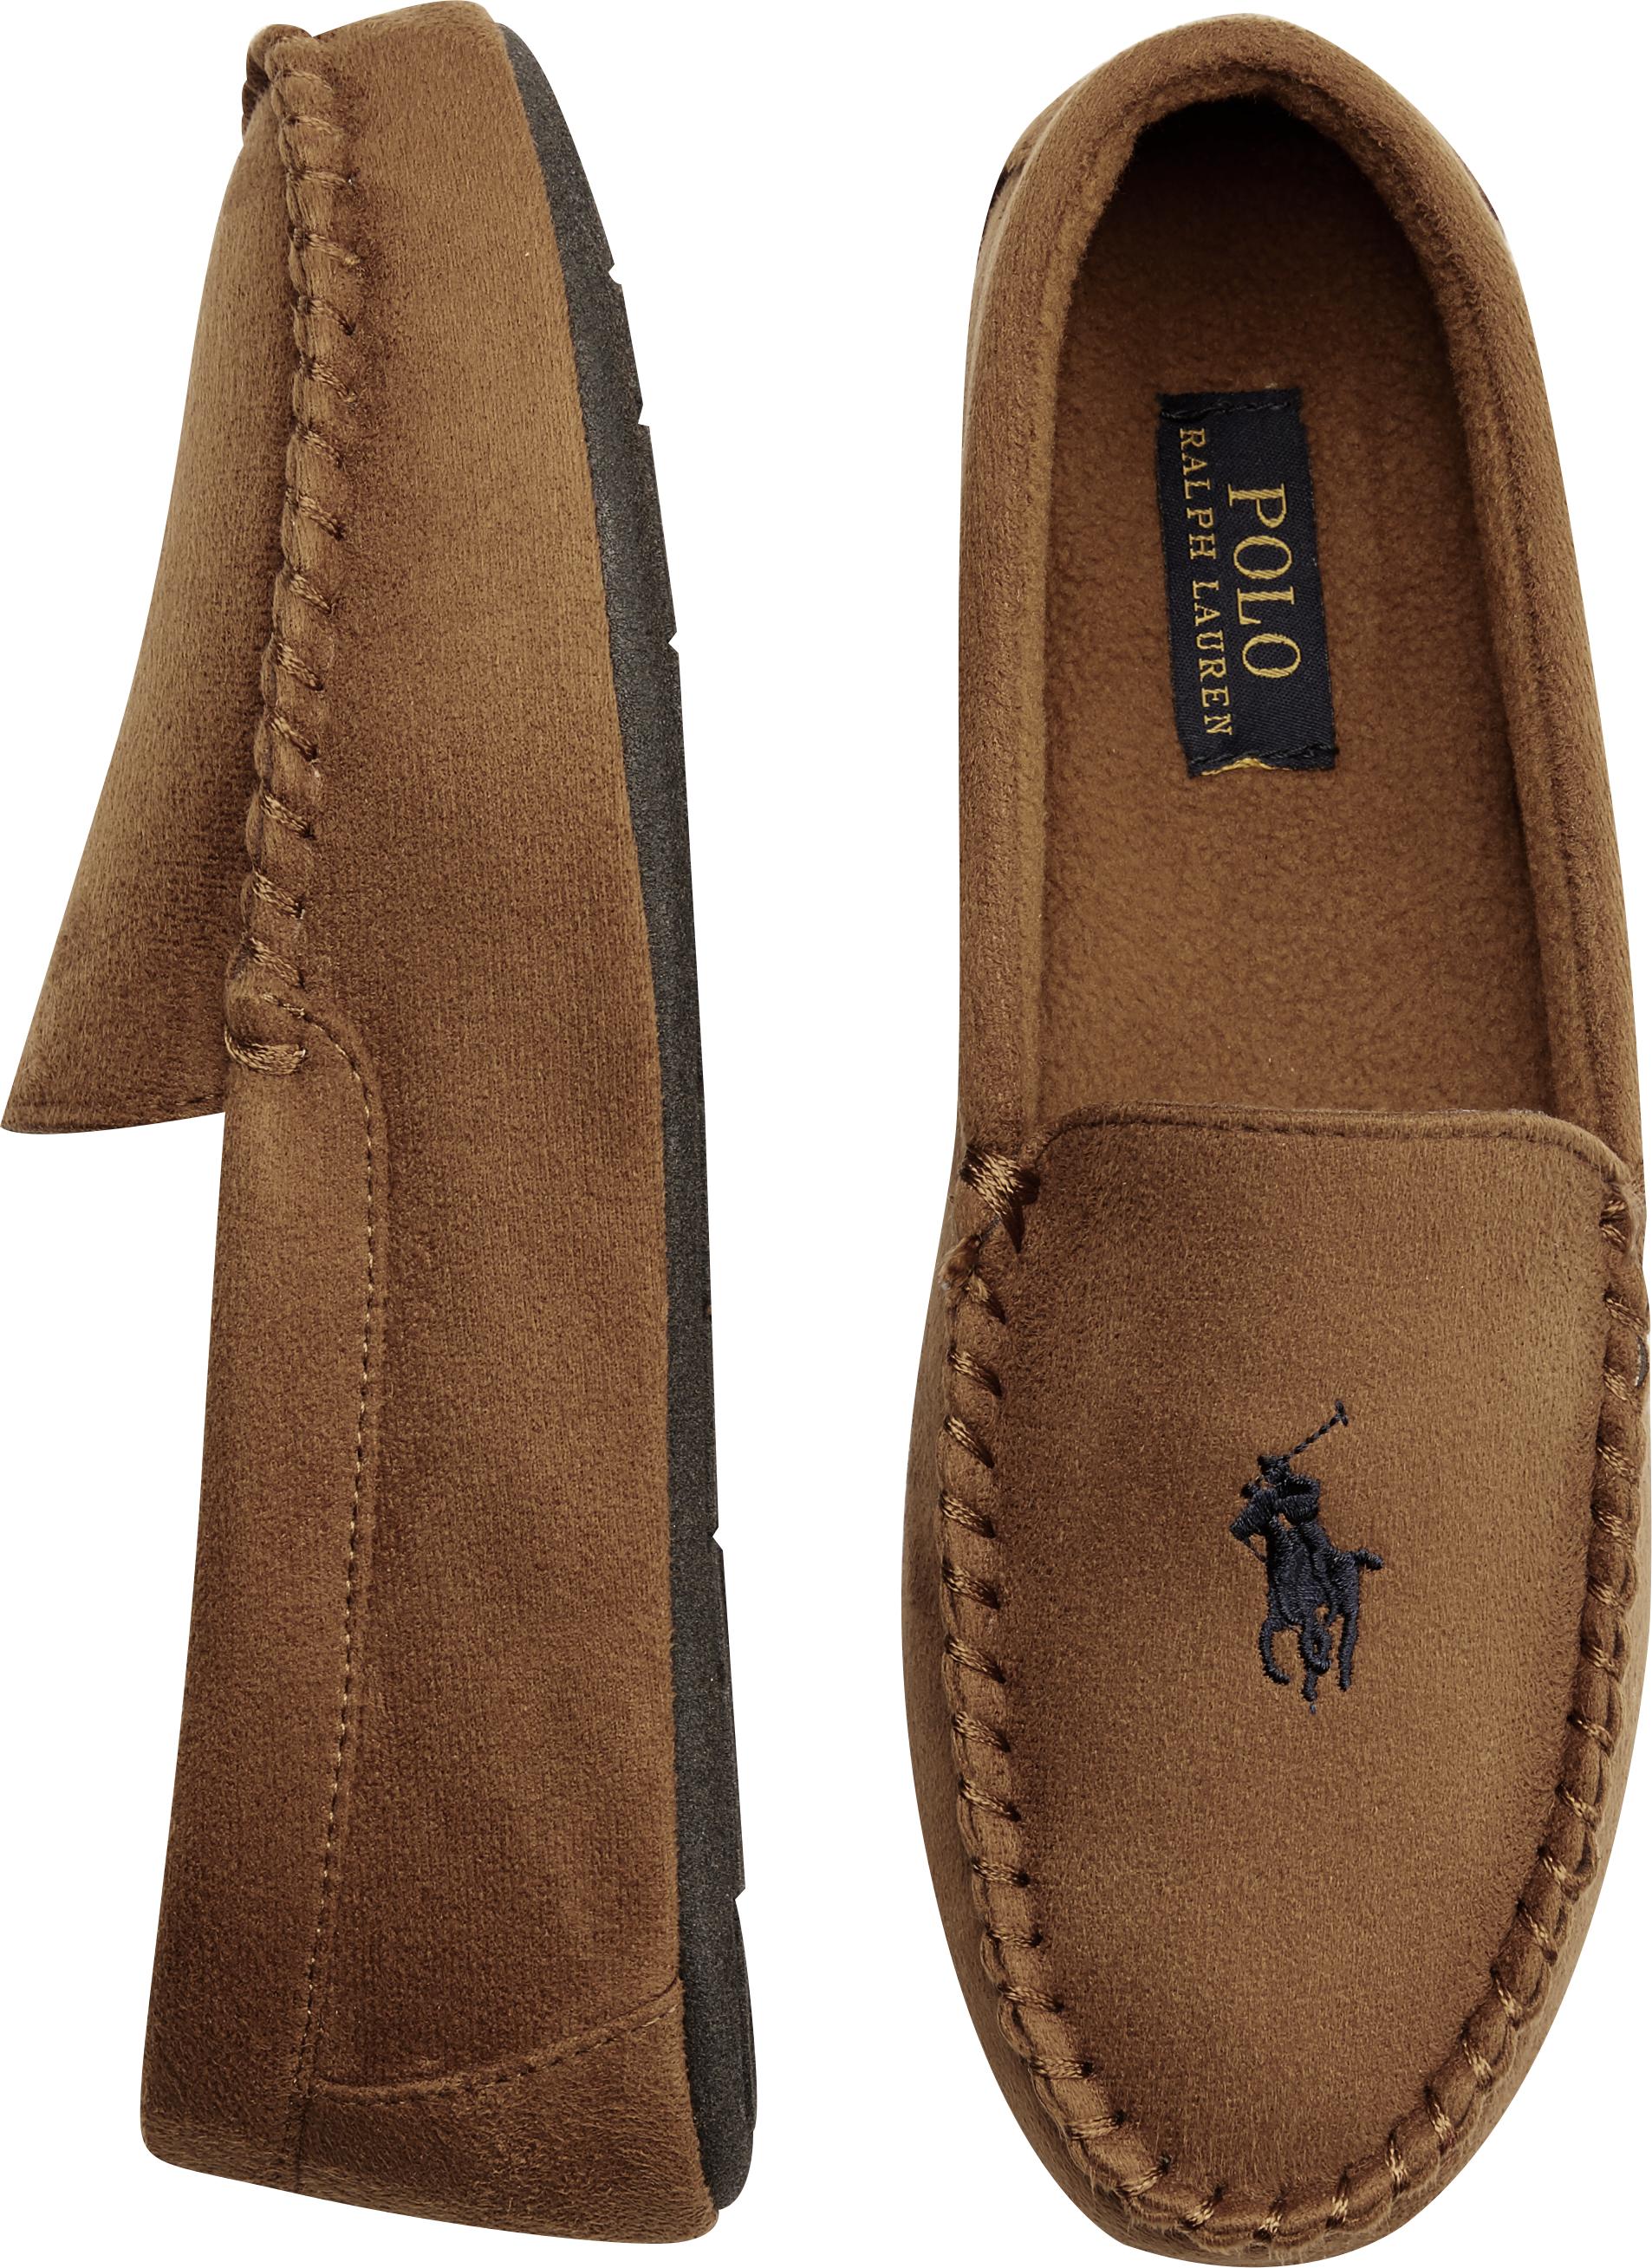 Polo Ralph Lauren Dezi II Tan Moccasin Slippers - Men\u0027s Slippers | Men\u0027s  Wearhouse